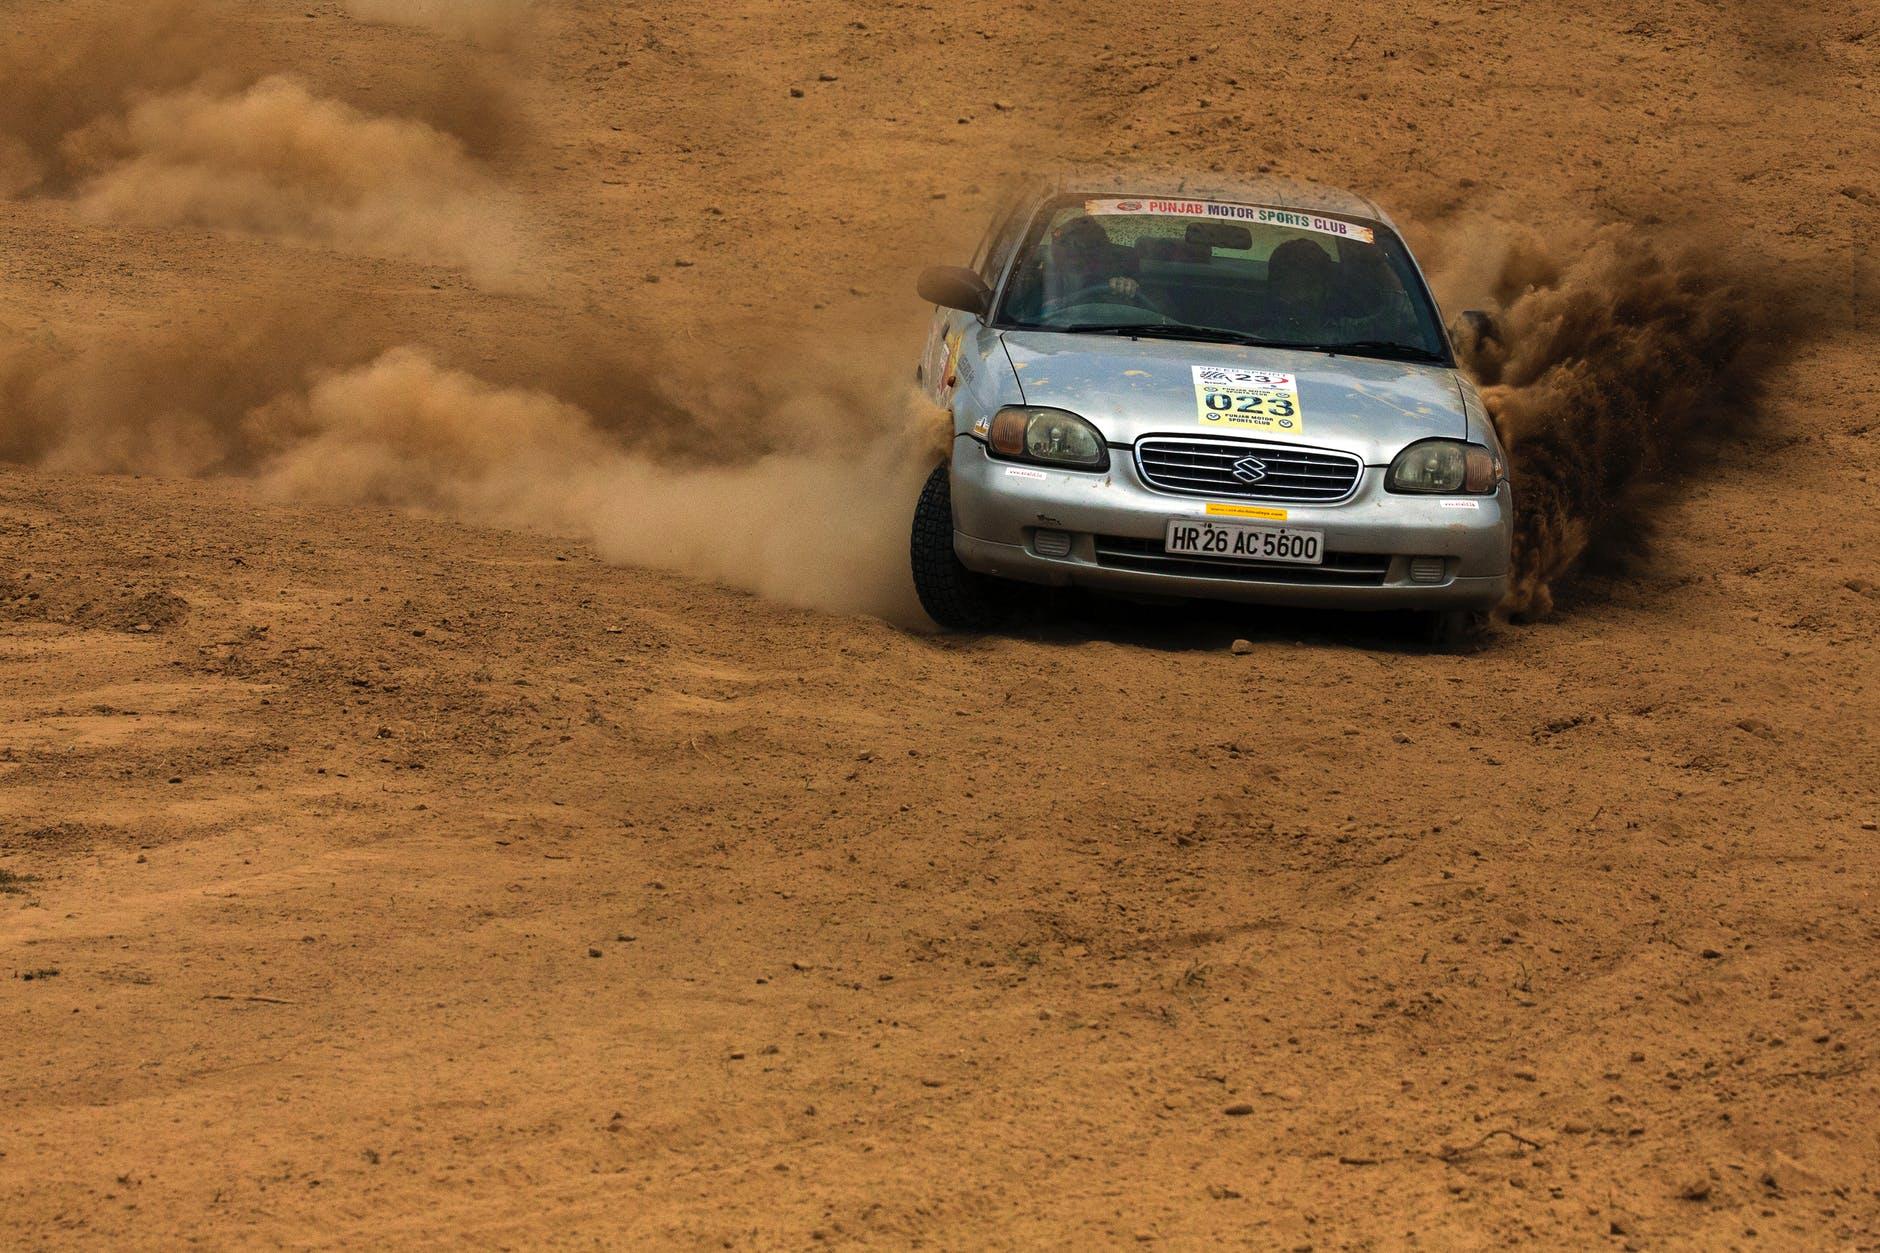 tournois de rallye